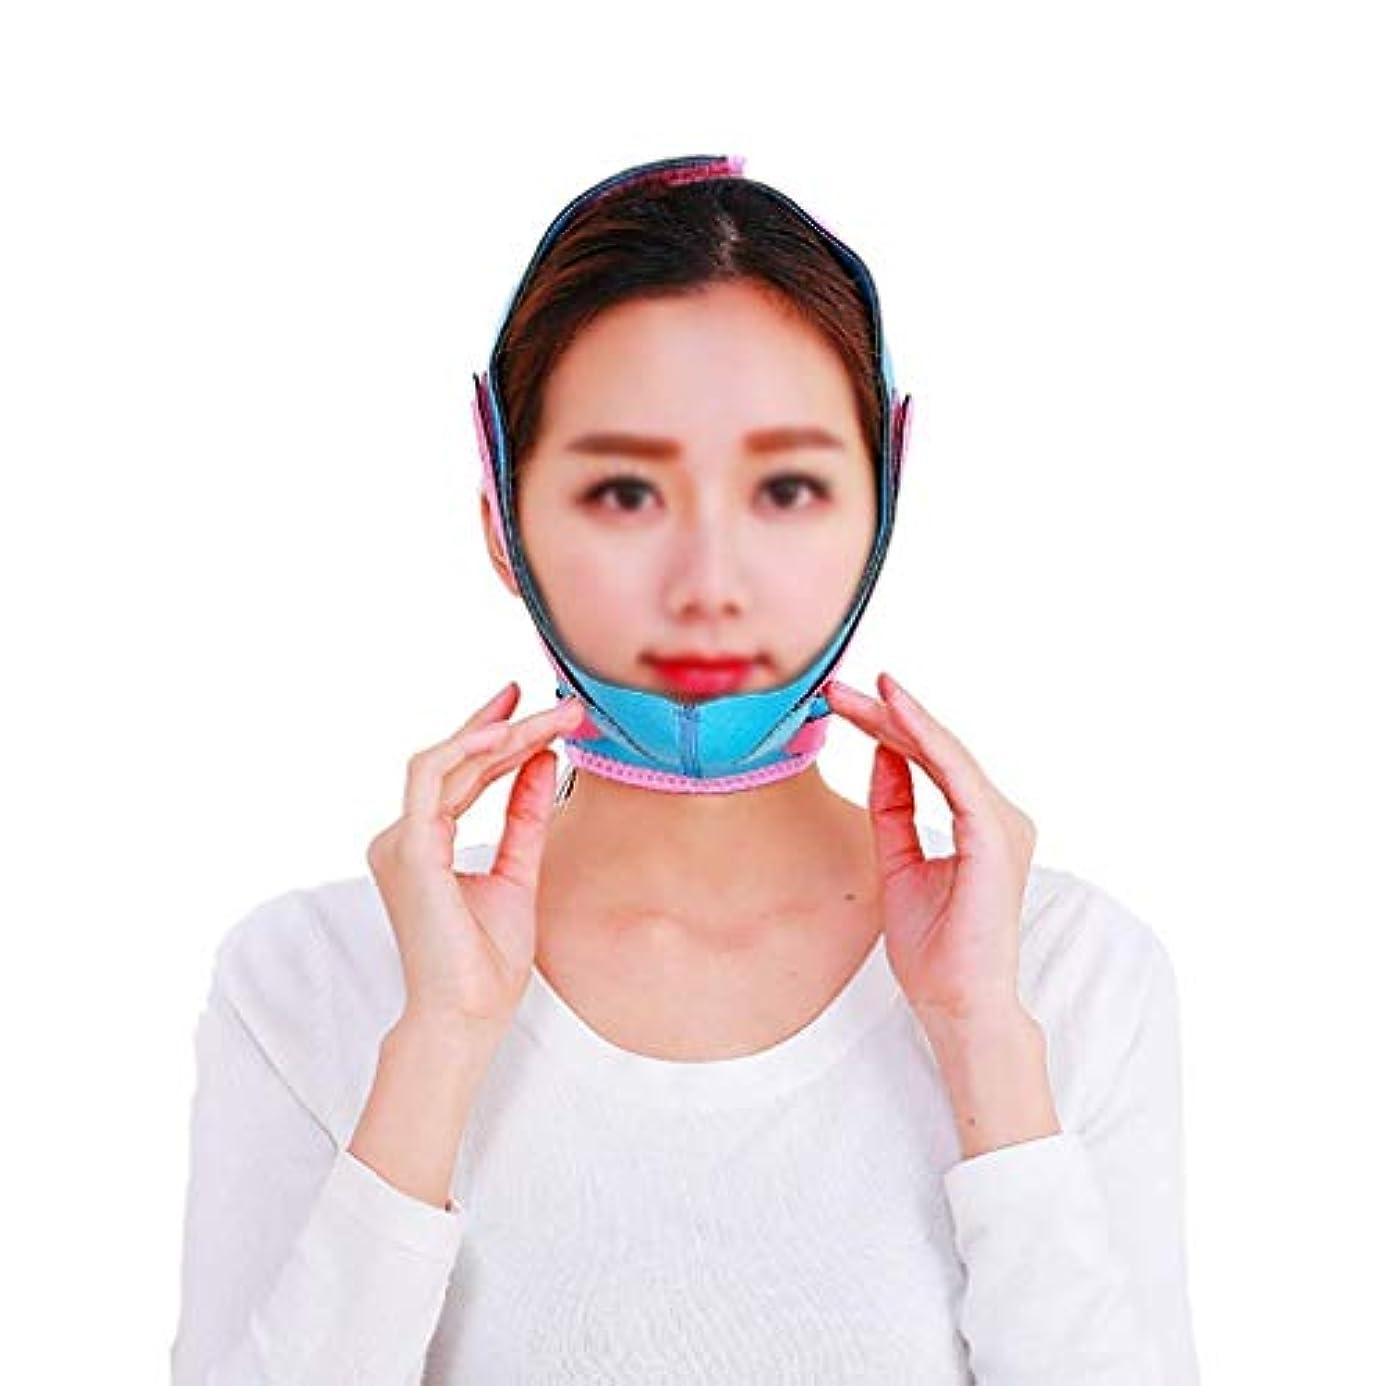 体操実装するデクリメント顔と首のリフト、男性と女性のフェイスリフトアーティファクトシュリンクマスクを強化輪郭の救済ドループ筋肉引き締め肌弾性V顔包帯